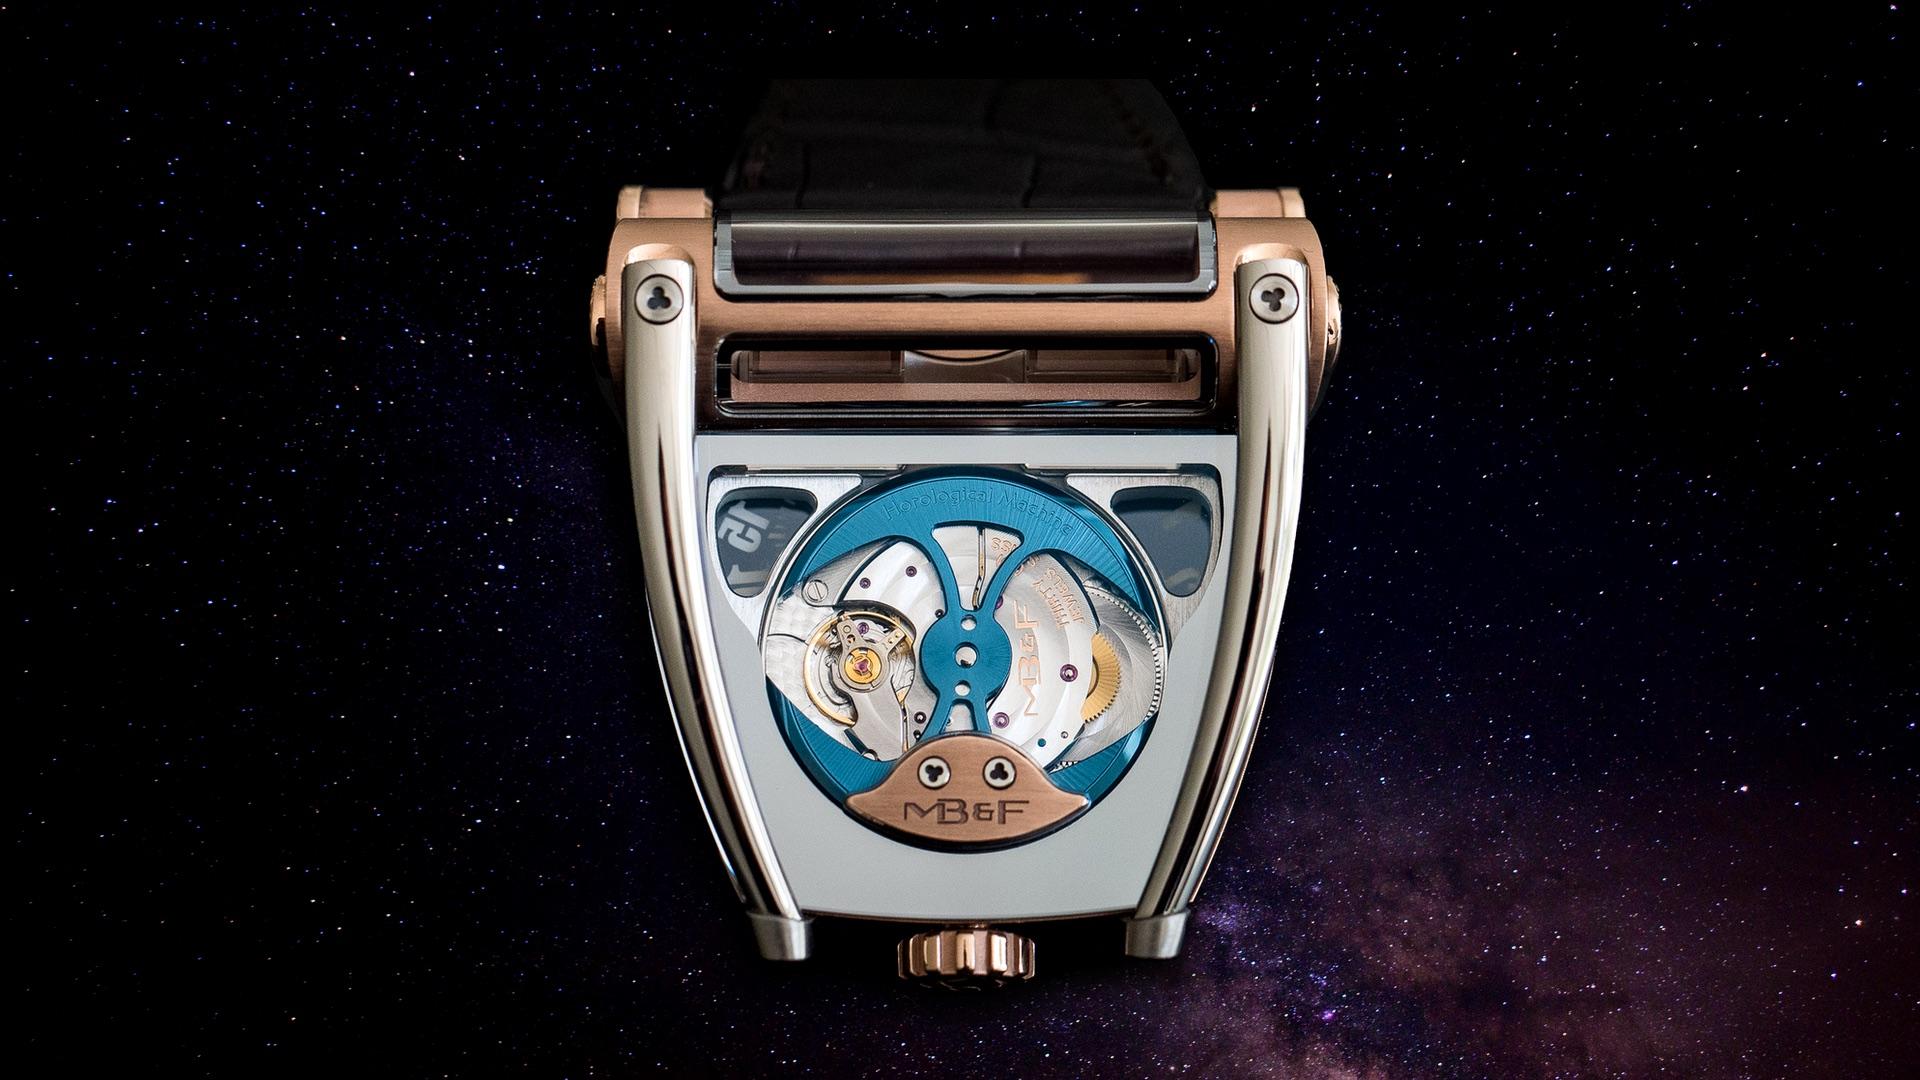 Montres MB&F: Machines temporelles au lieu de montres-bracelets (vidéo)